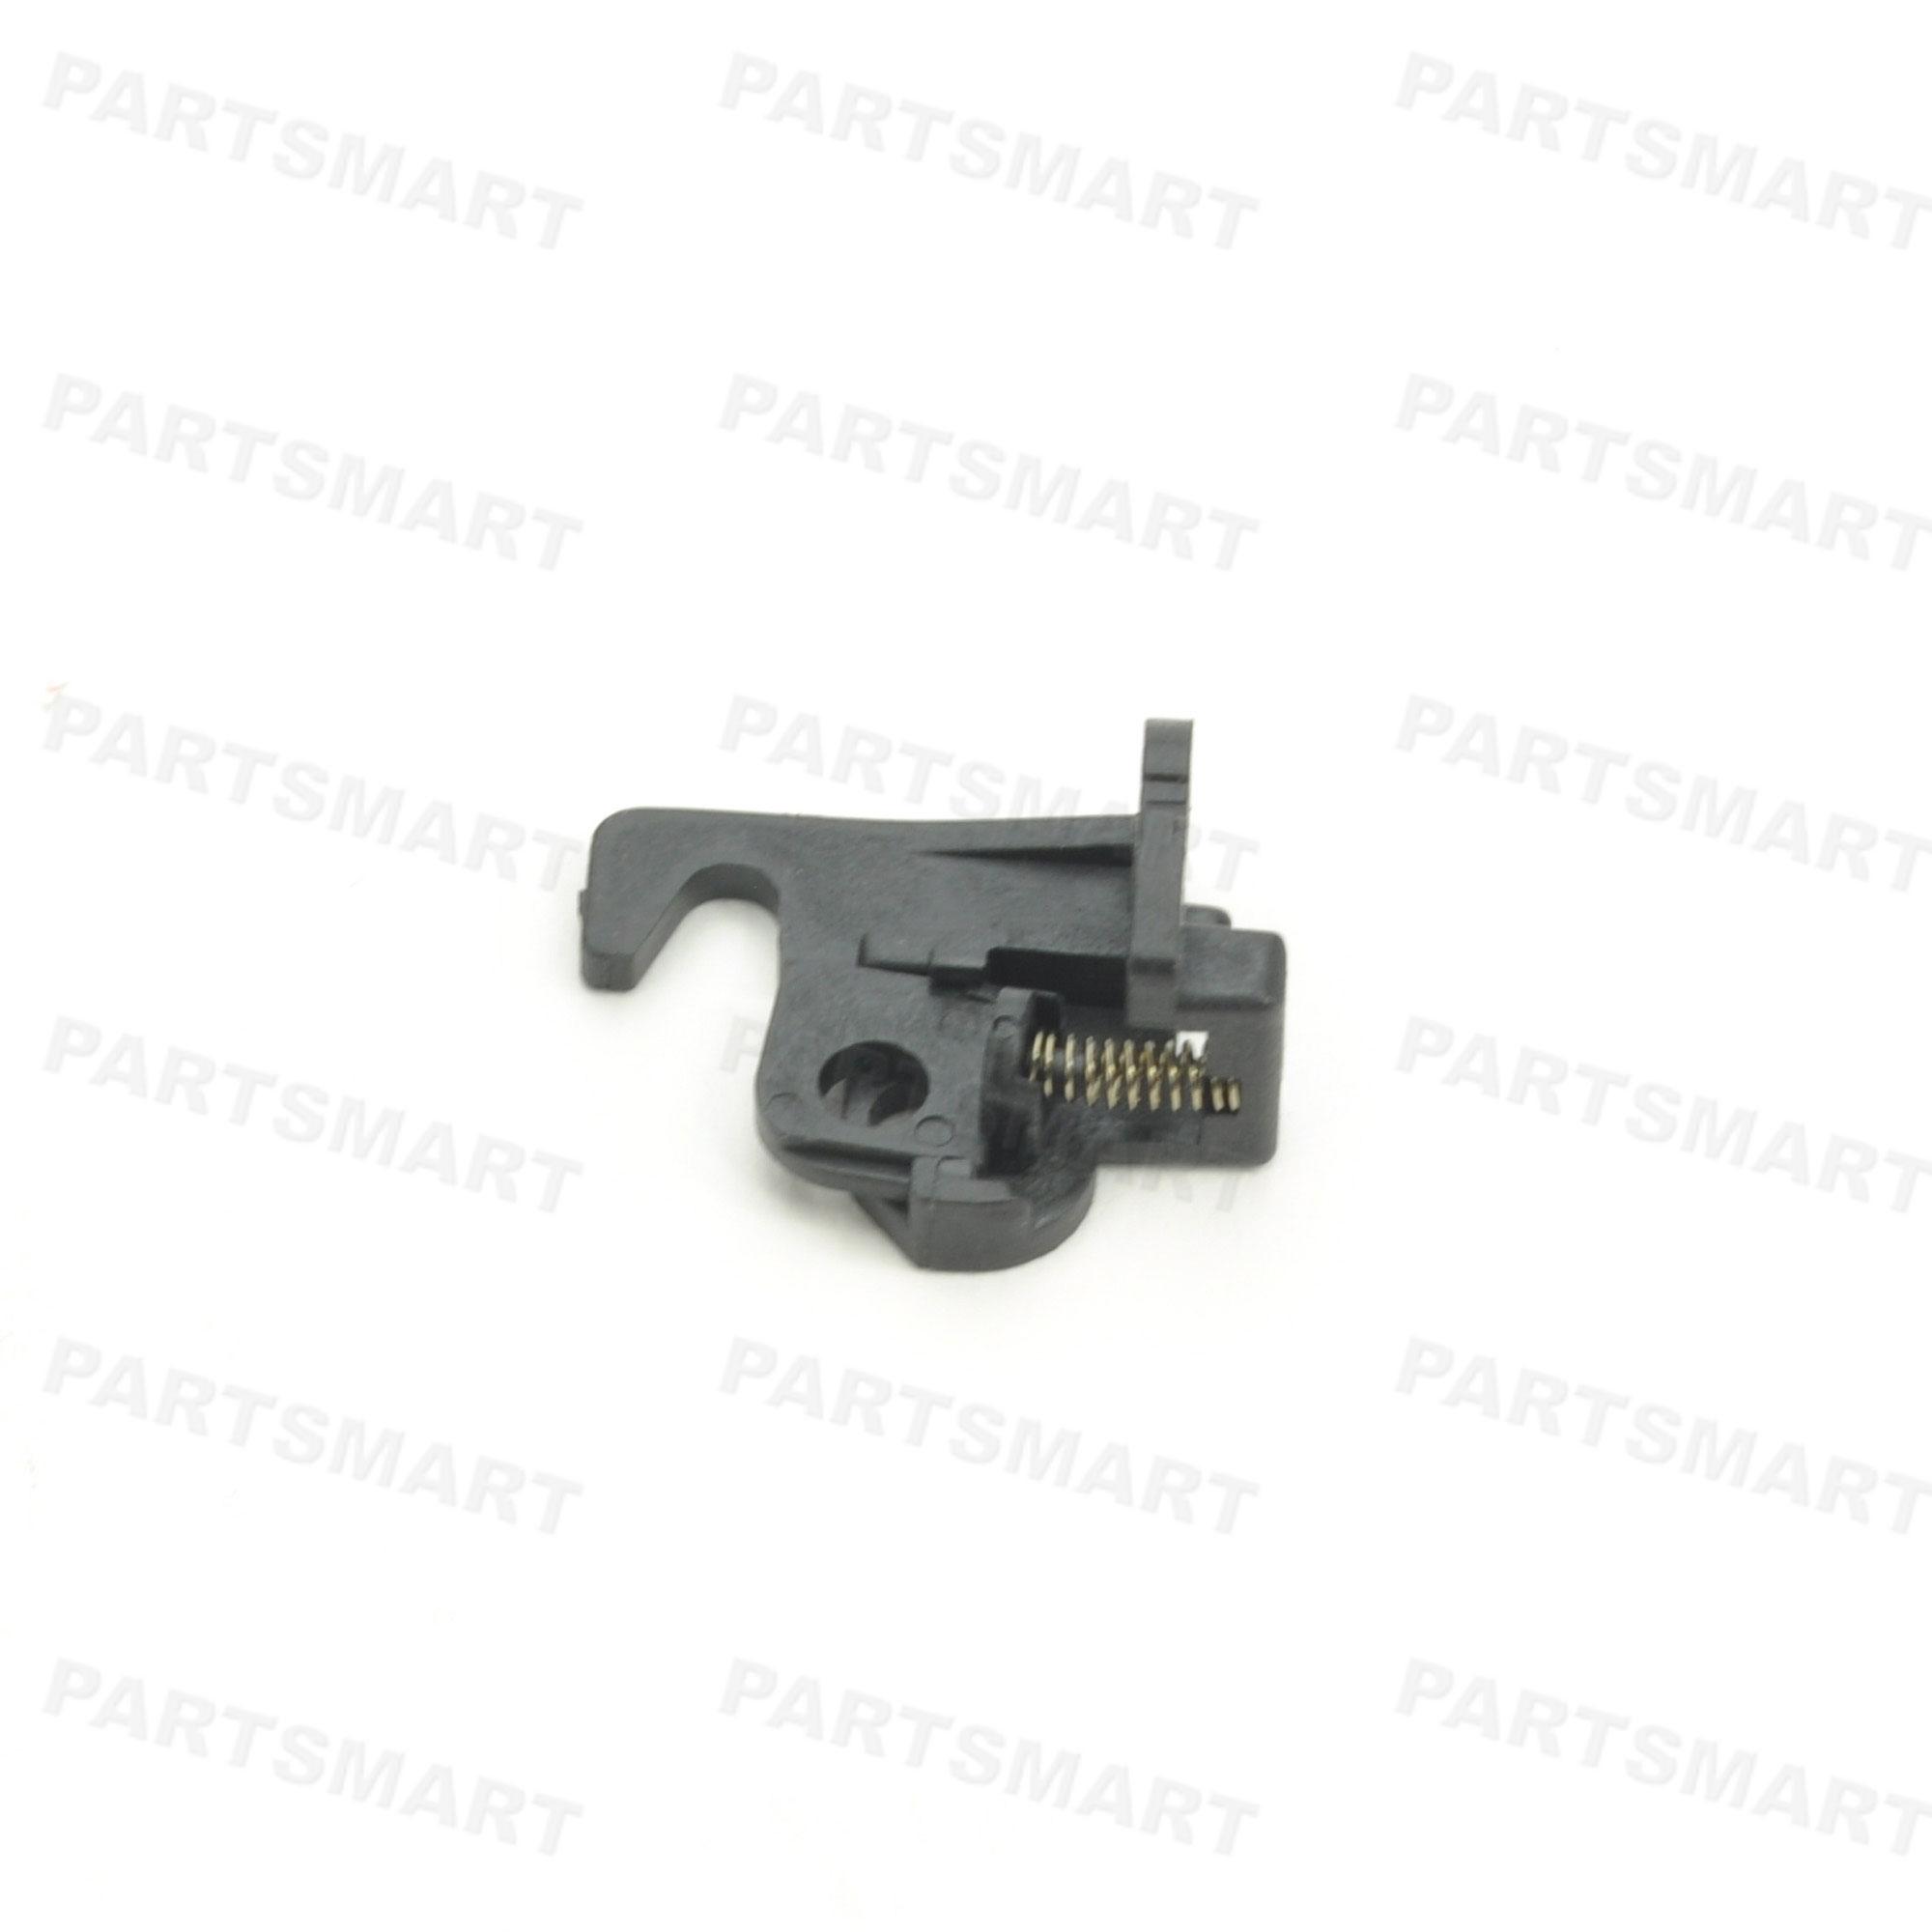 HLD-008R13087-L Fuser Cover Holder, Left for Xerox WorkCentre 7120,  WorkCentre 7125, WorkCentre 7220, WorkCentre 7225